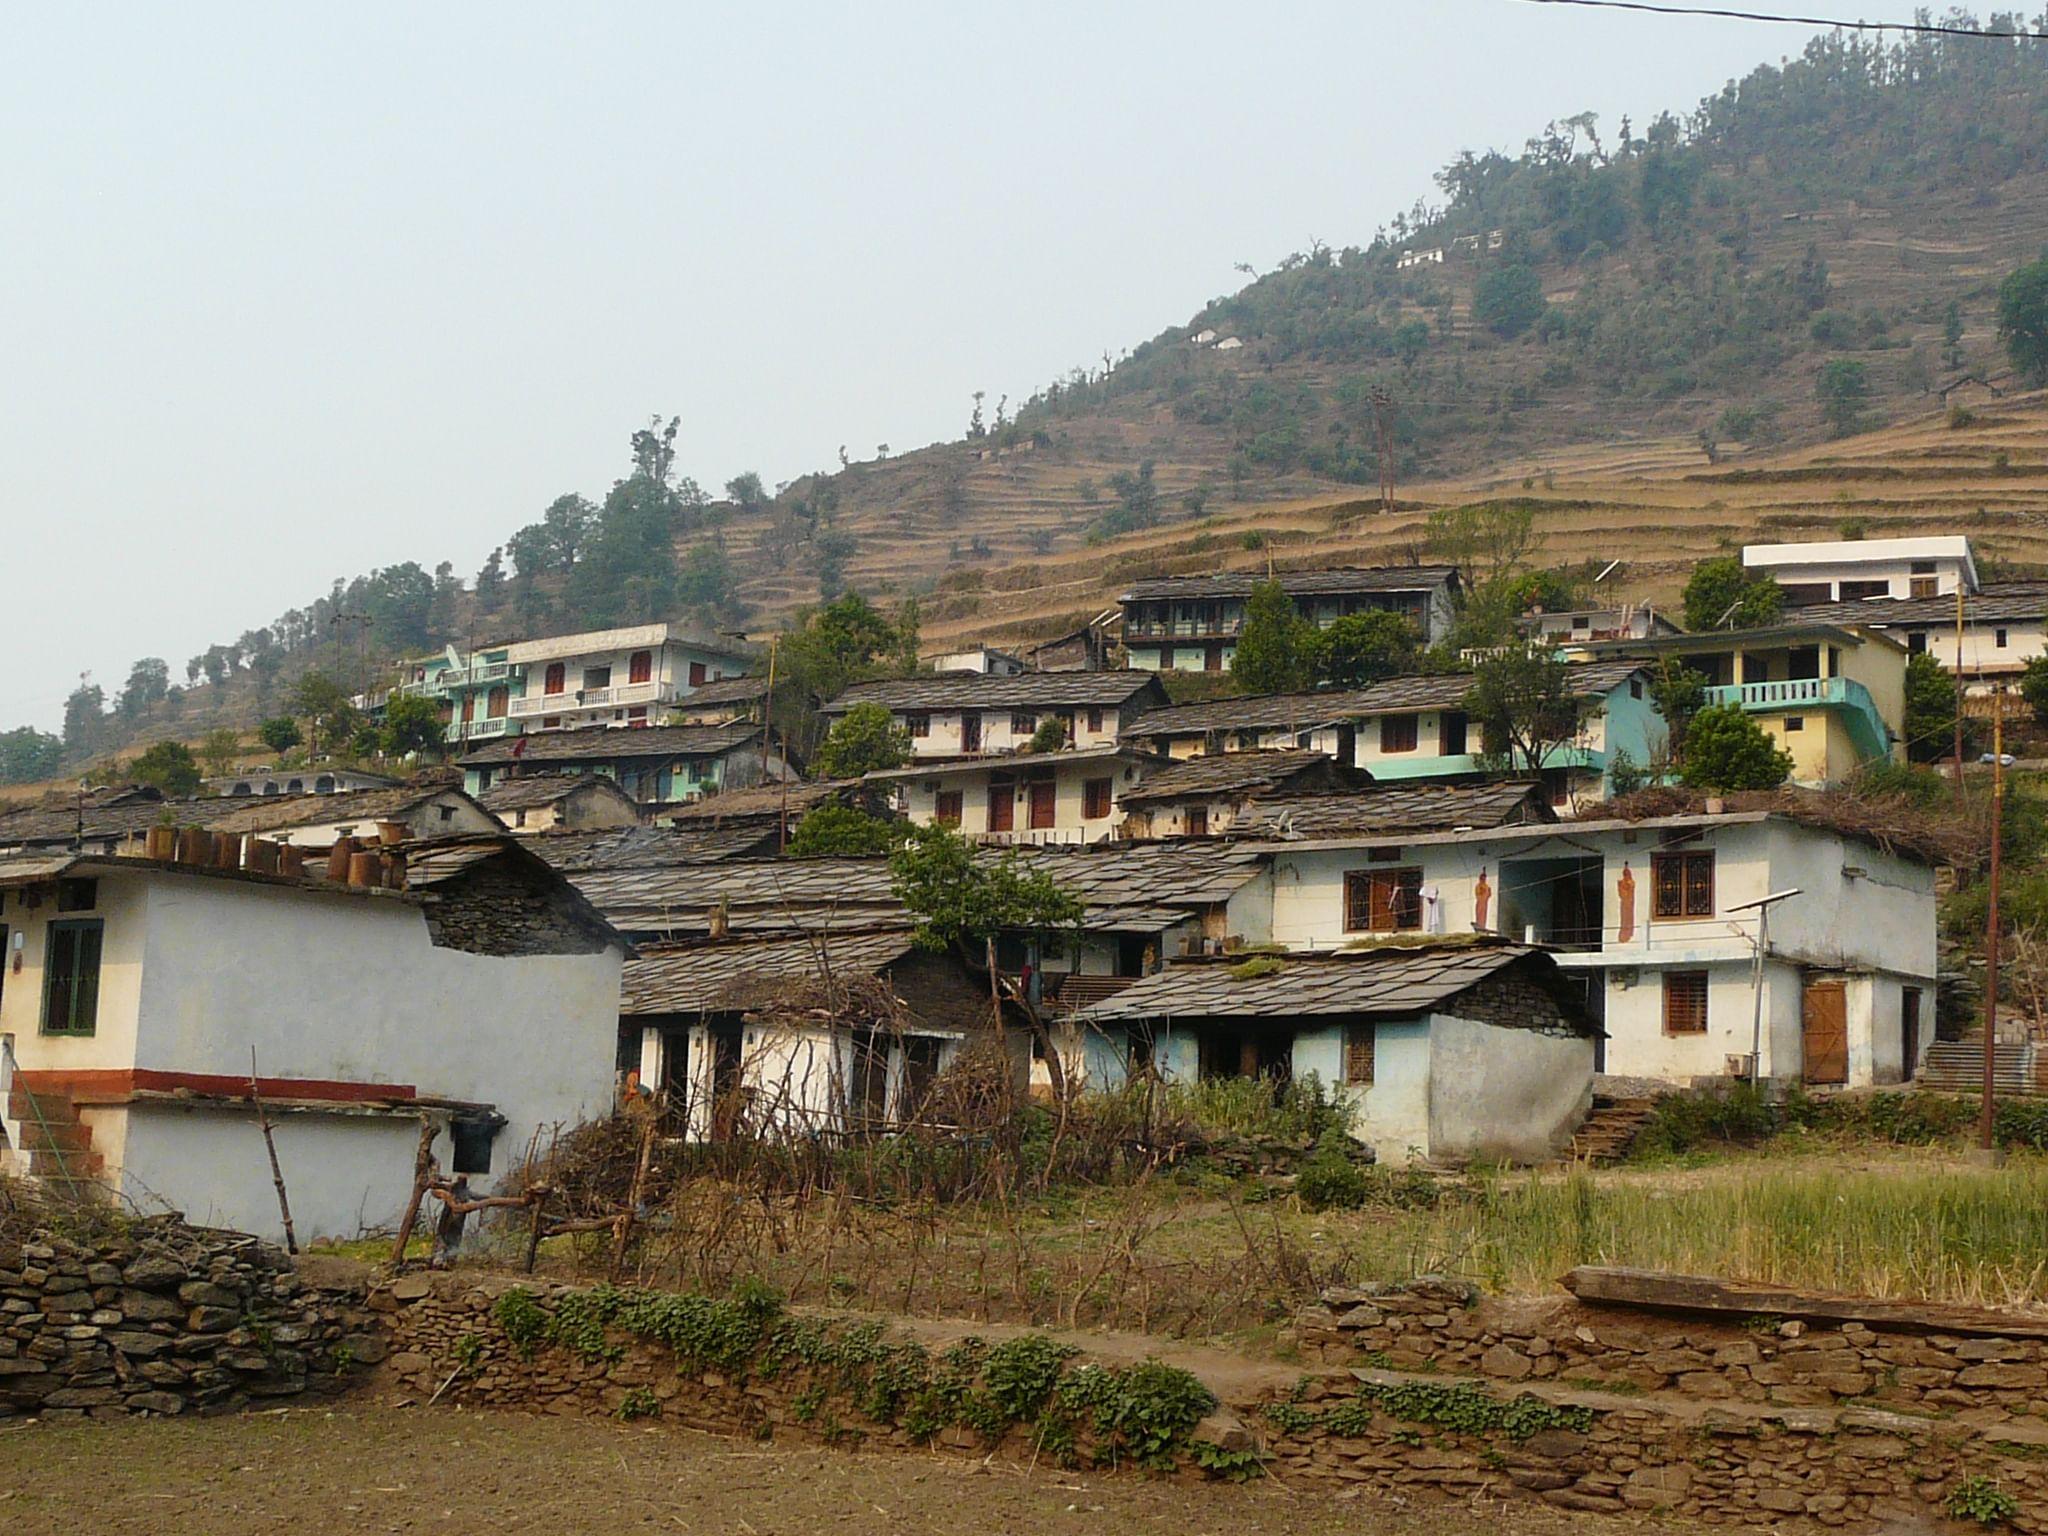 ransi_village_in_garhwal_uttarakhand